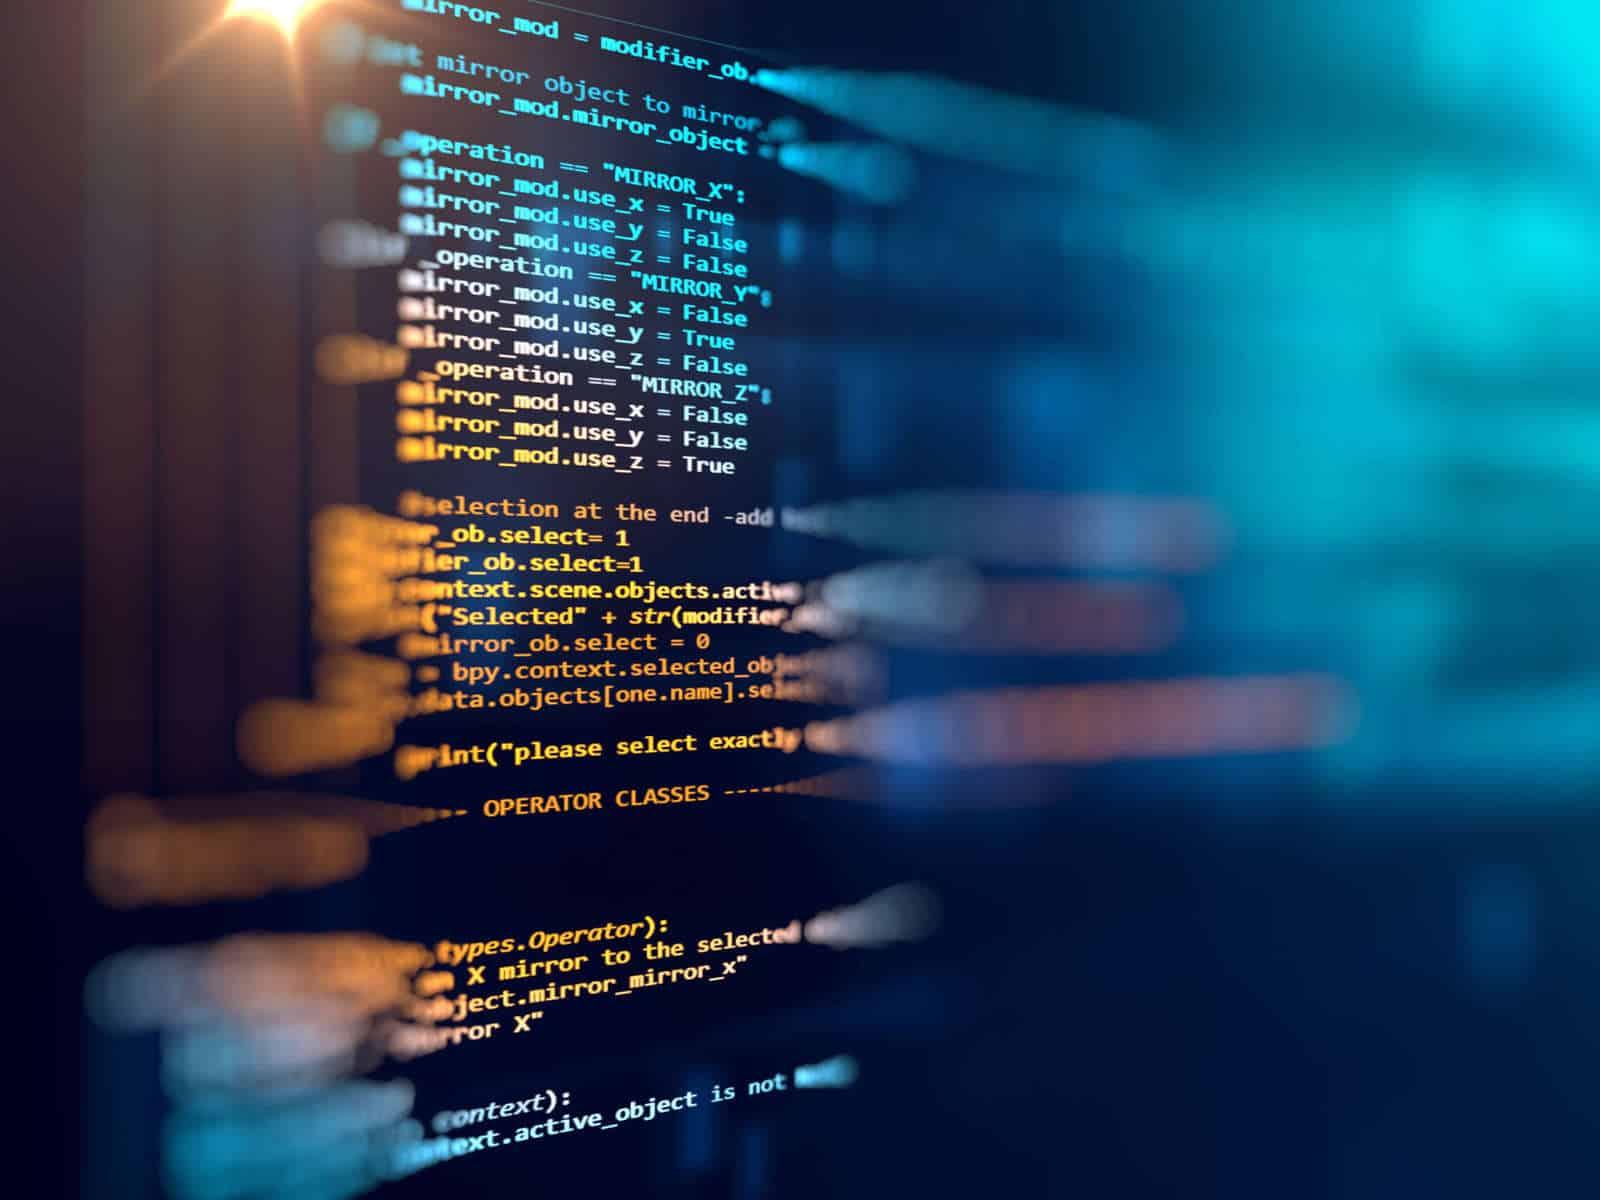 Le nostre soluzioni software e firmware per le aziende